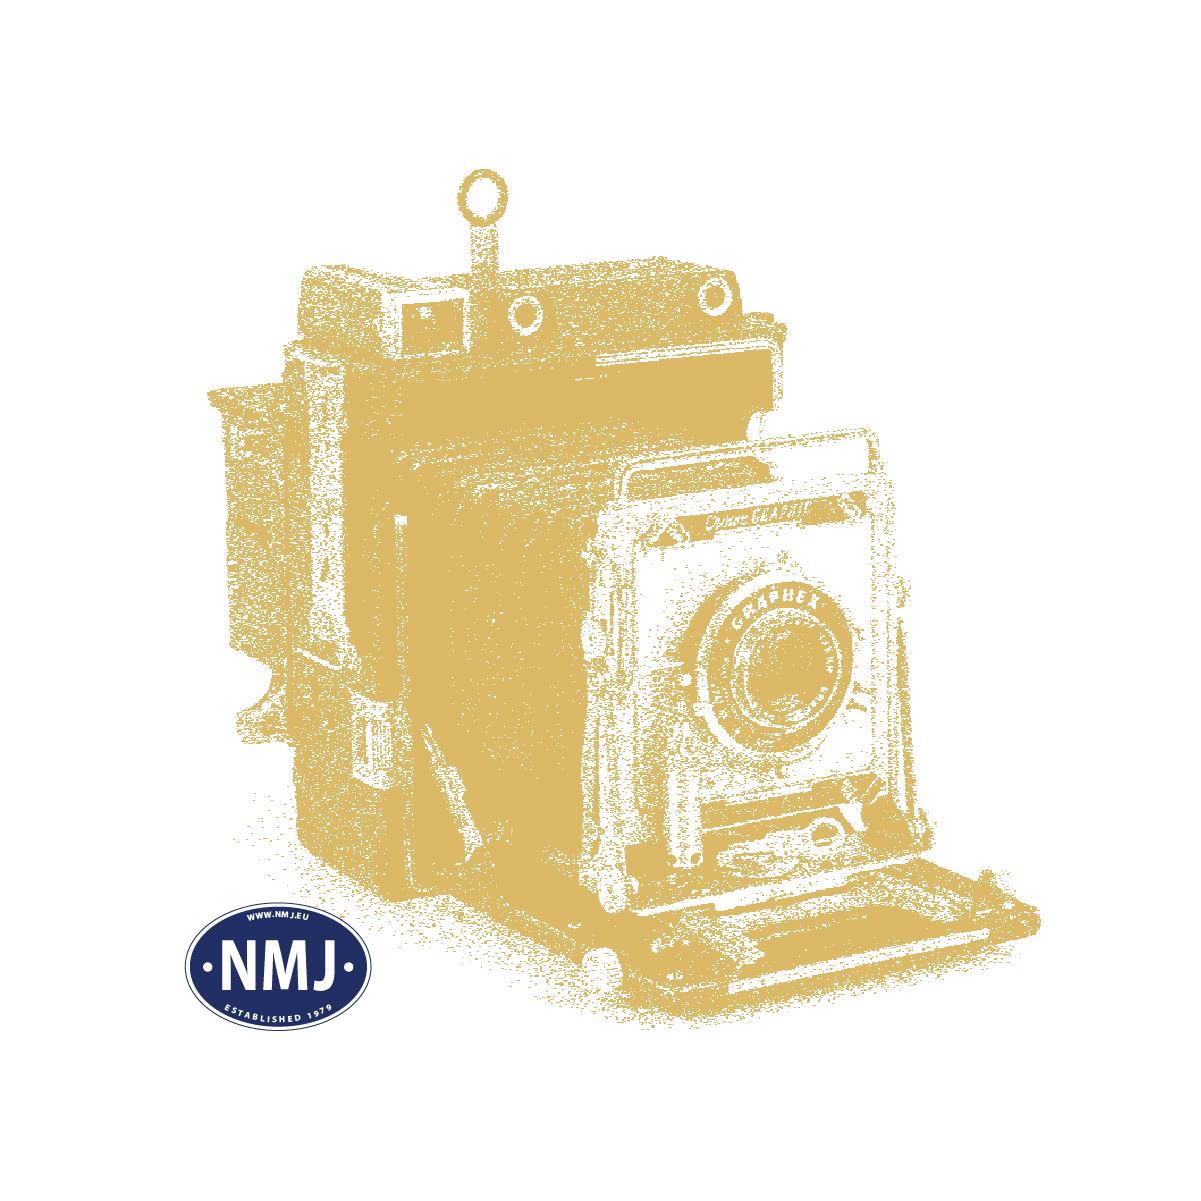 NMJ0T3-2 - NMJ Superline Modell des Rungenwagens T3 10991 der NSB, Spur 0